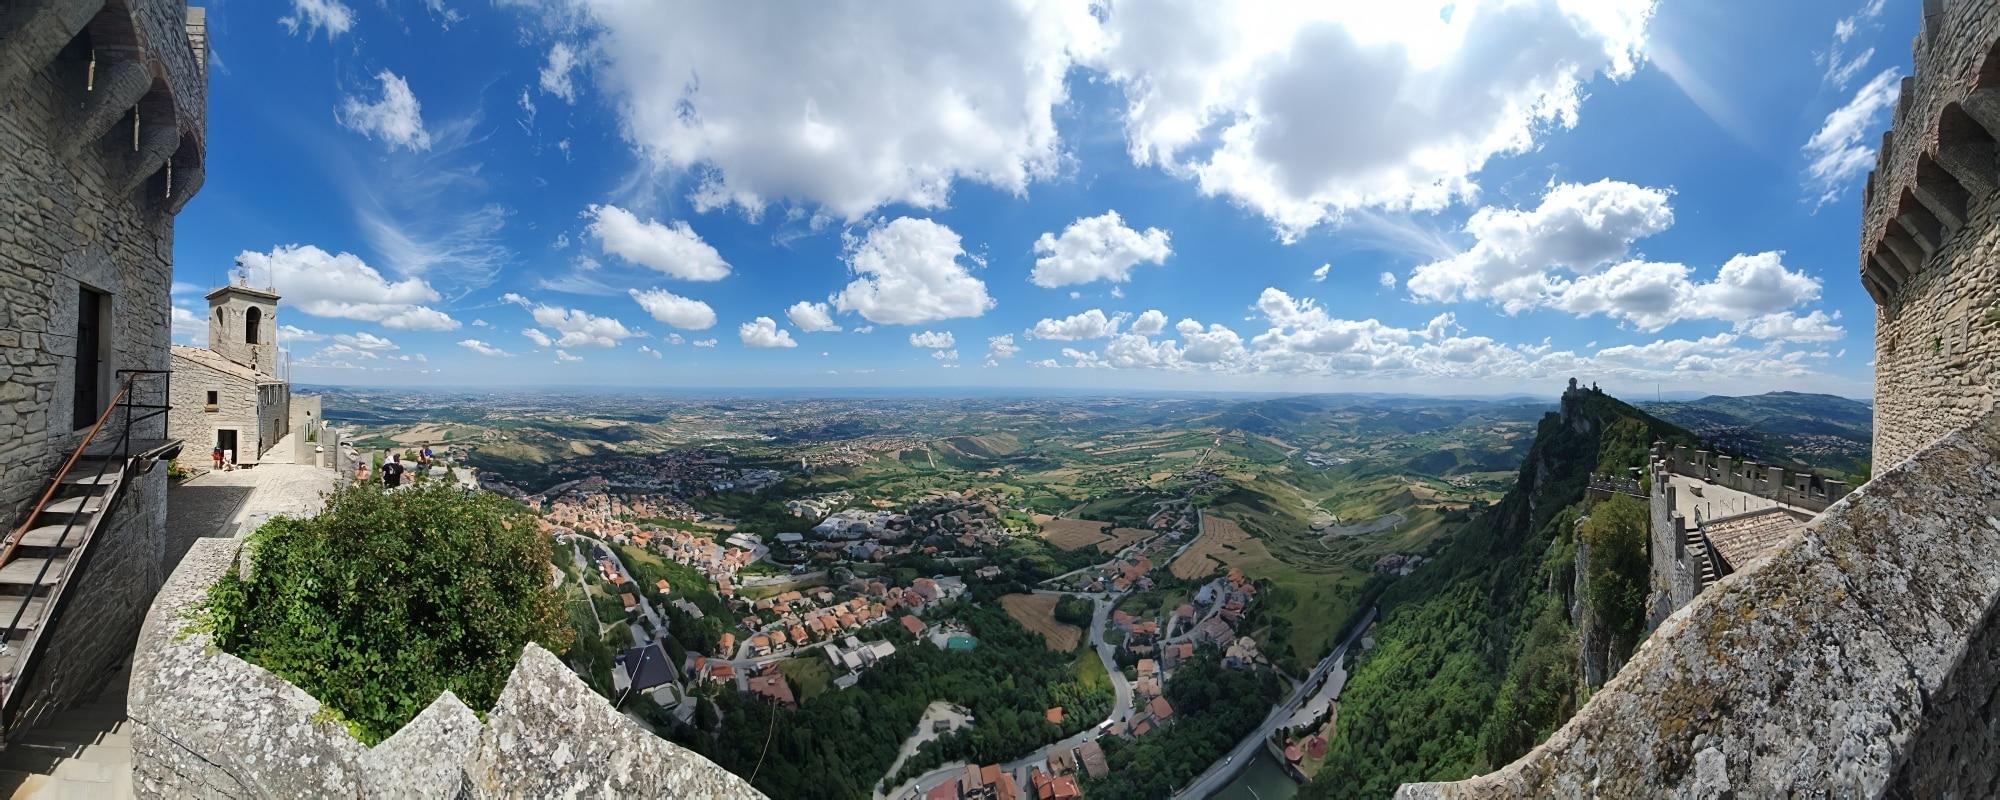 Panorama de Saint-Marin